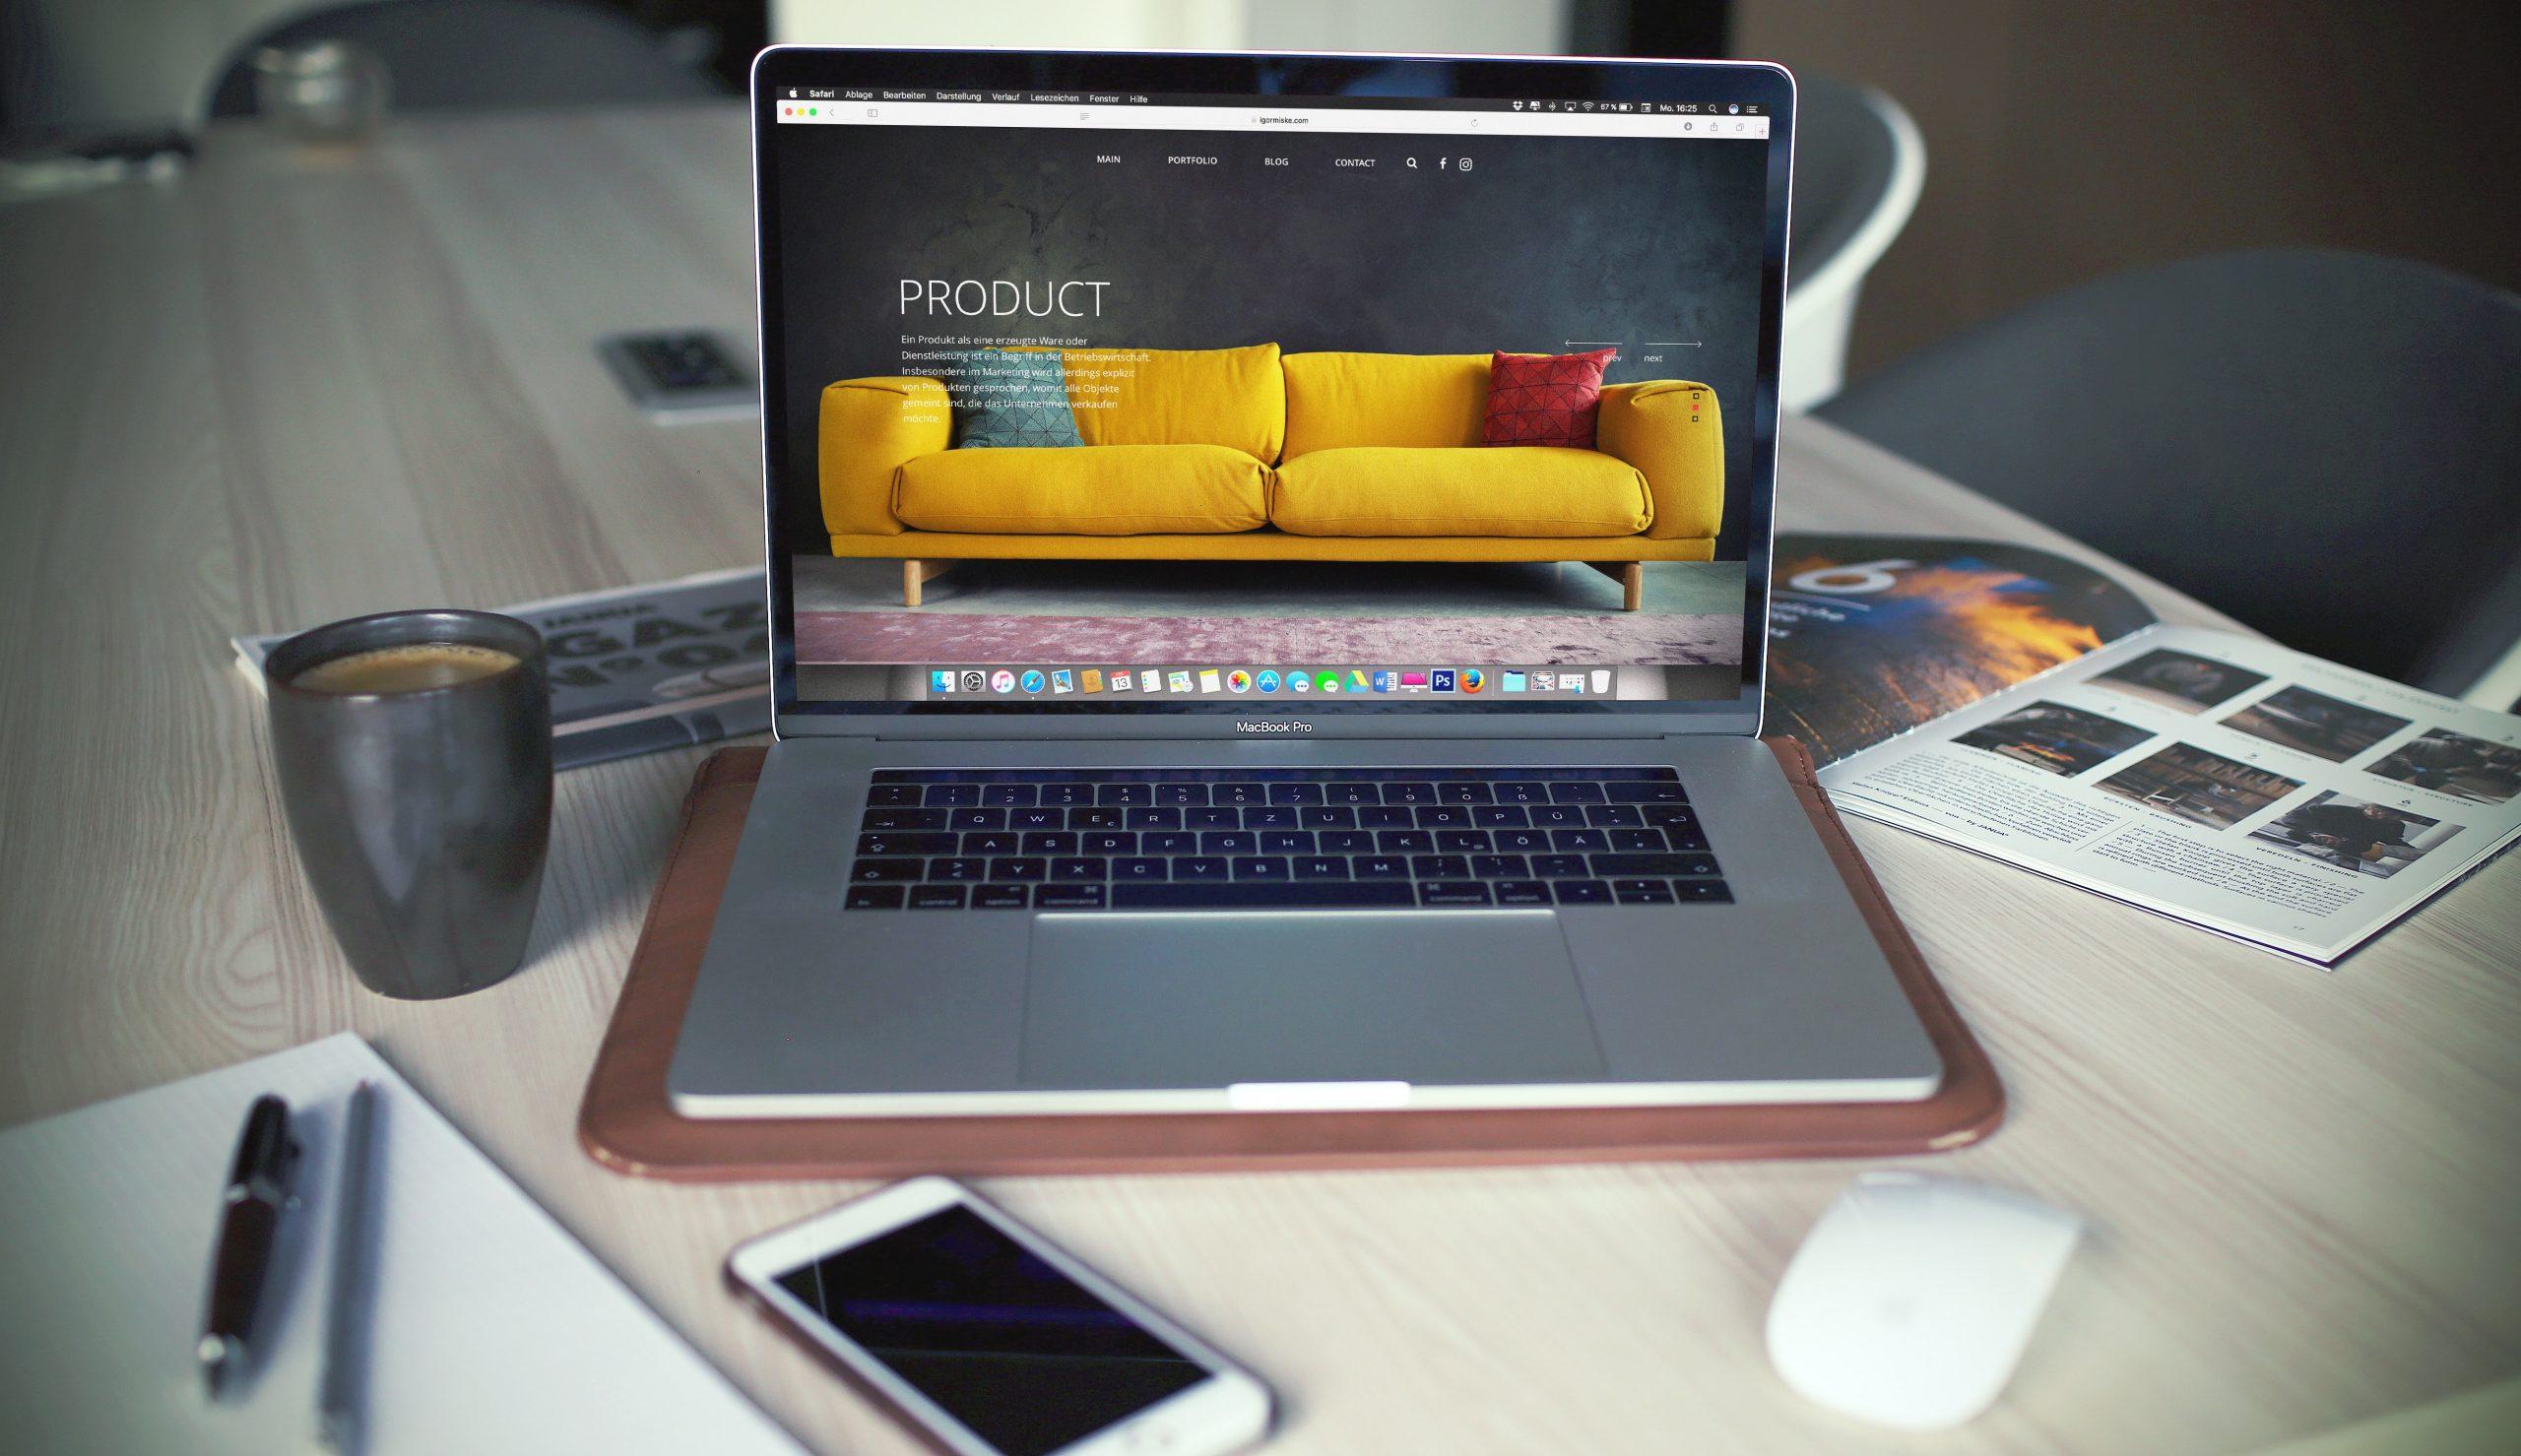 DIVA Marketing Digital Marketing Services